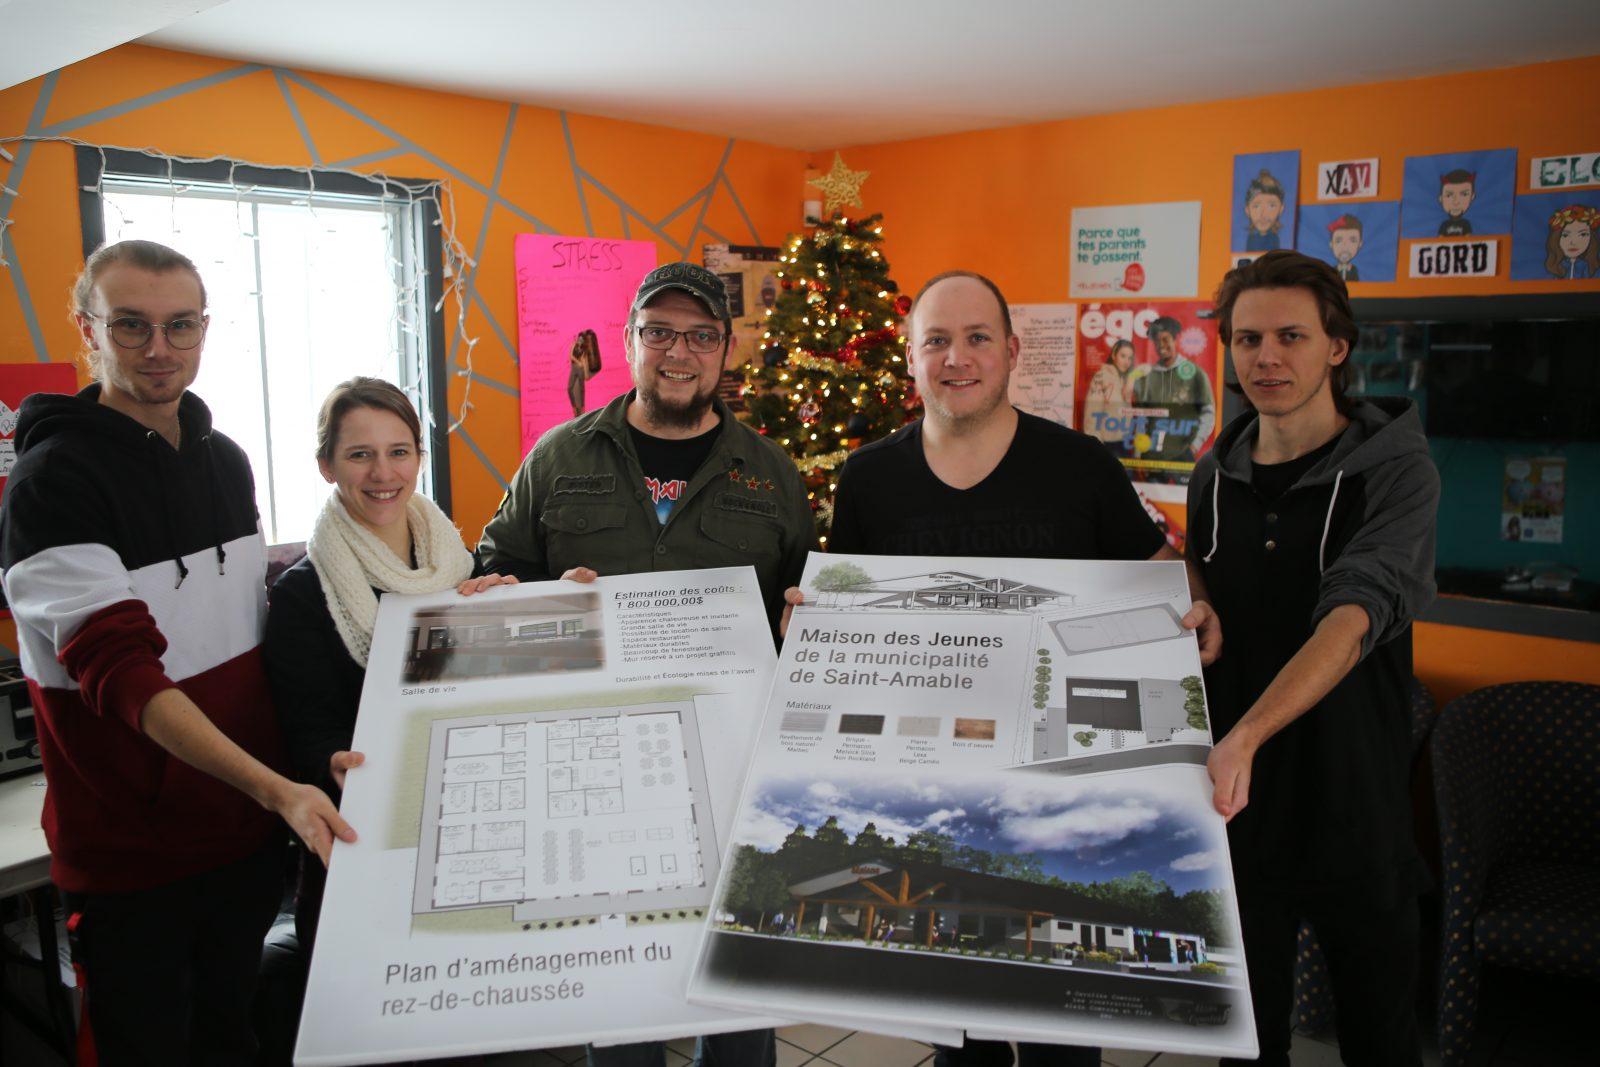 La Maison des jeunes de Saint-Amable caresse un grand projet pour 2020!